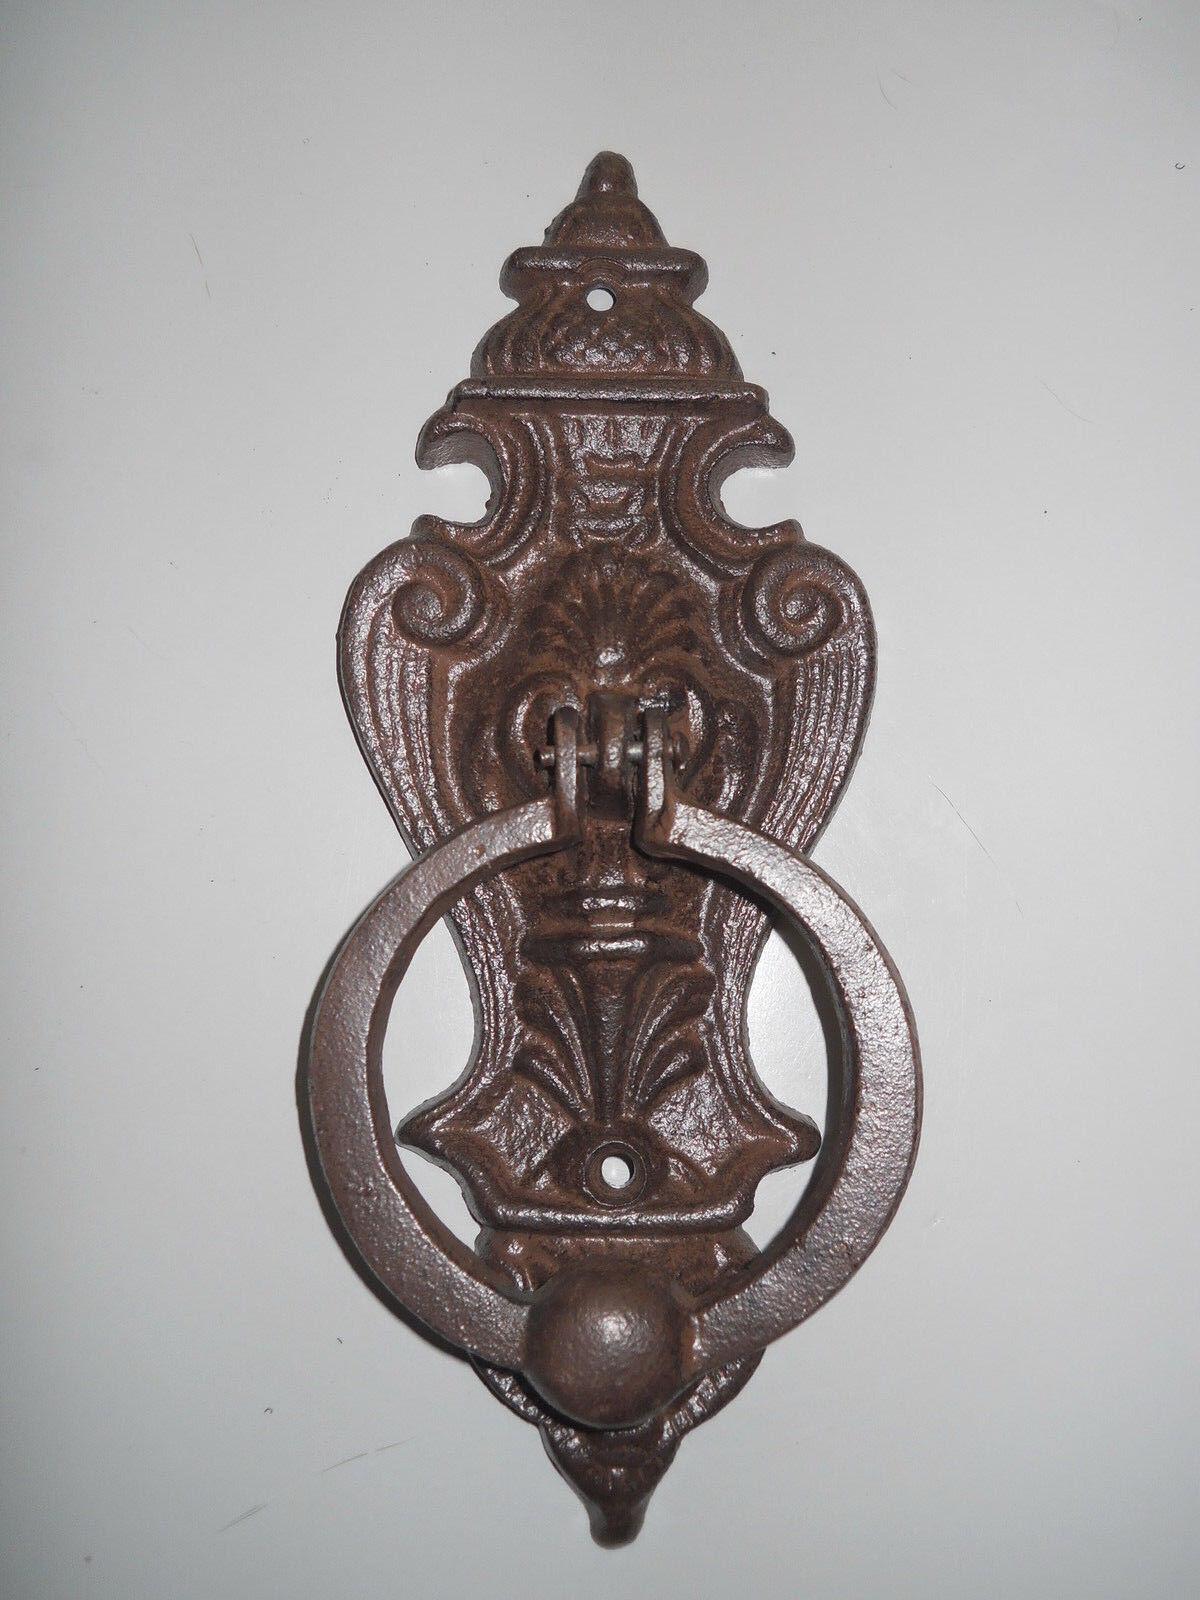 Cast Iron Antique Style VICTORIAN Door Knocker Brown Finish - Antique Door Knocker EBay